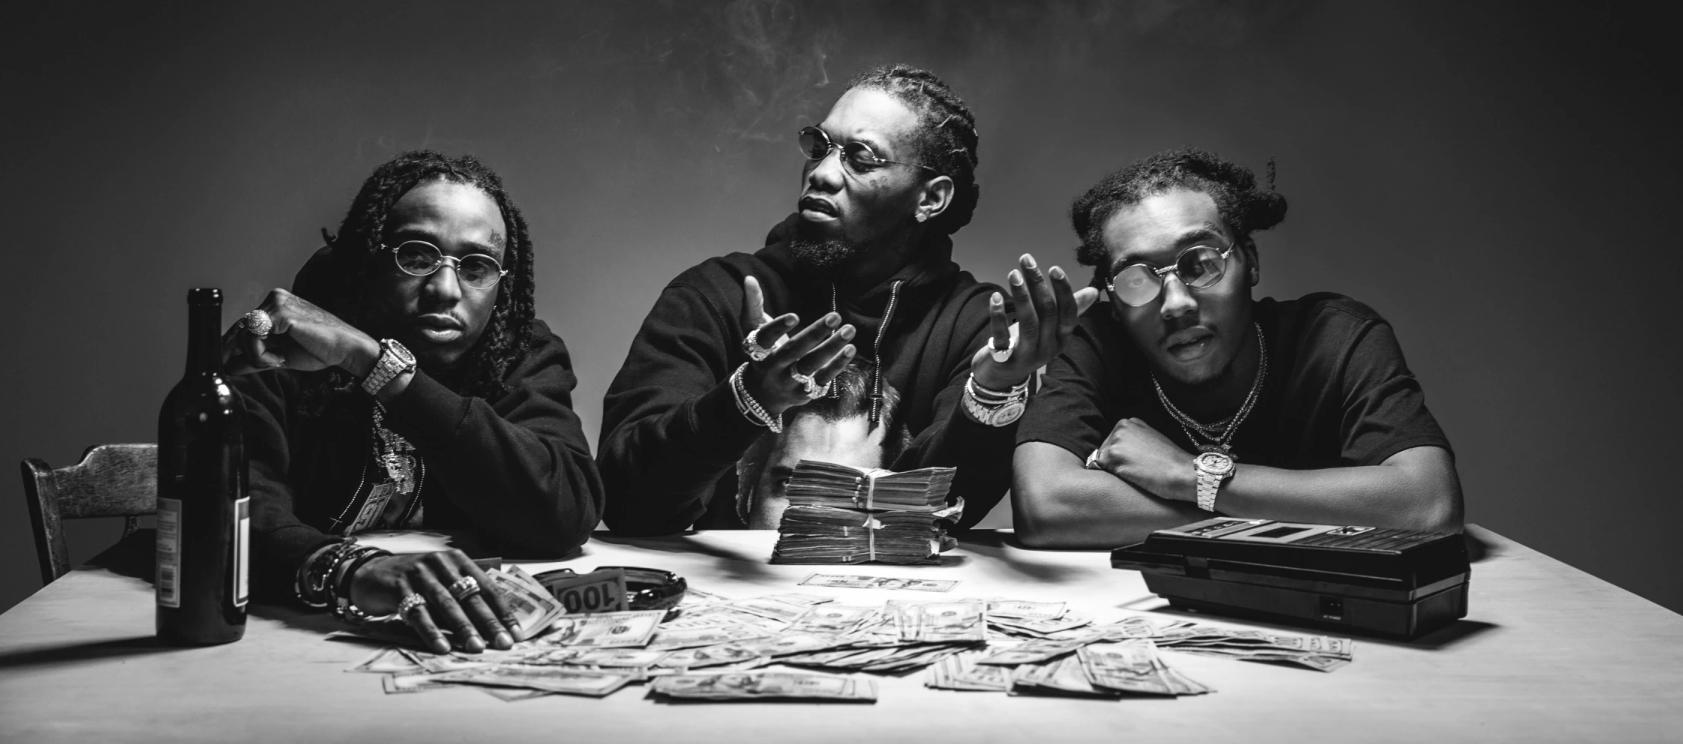 Avec 'Culture', Migos entre au patrimoine du rap